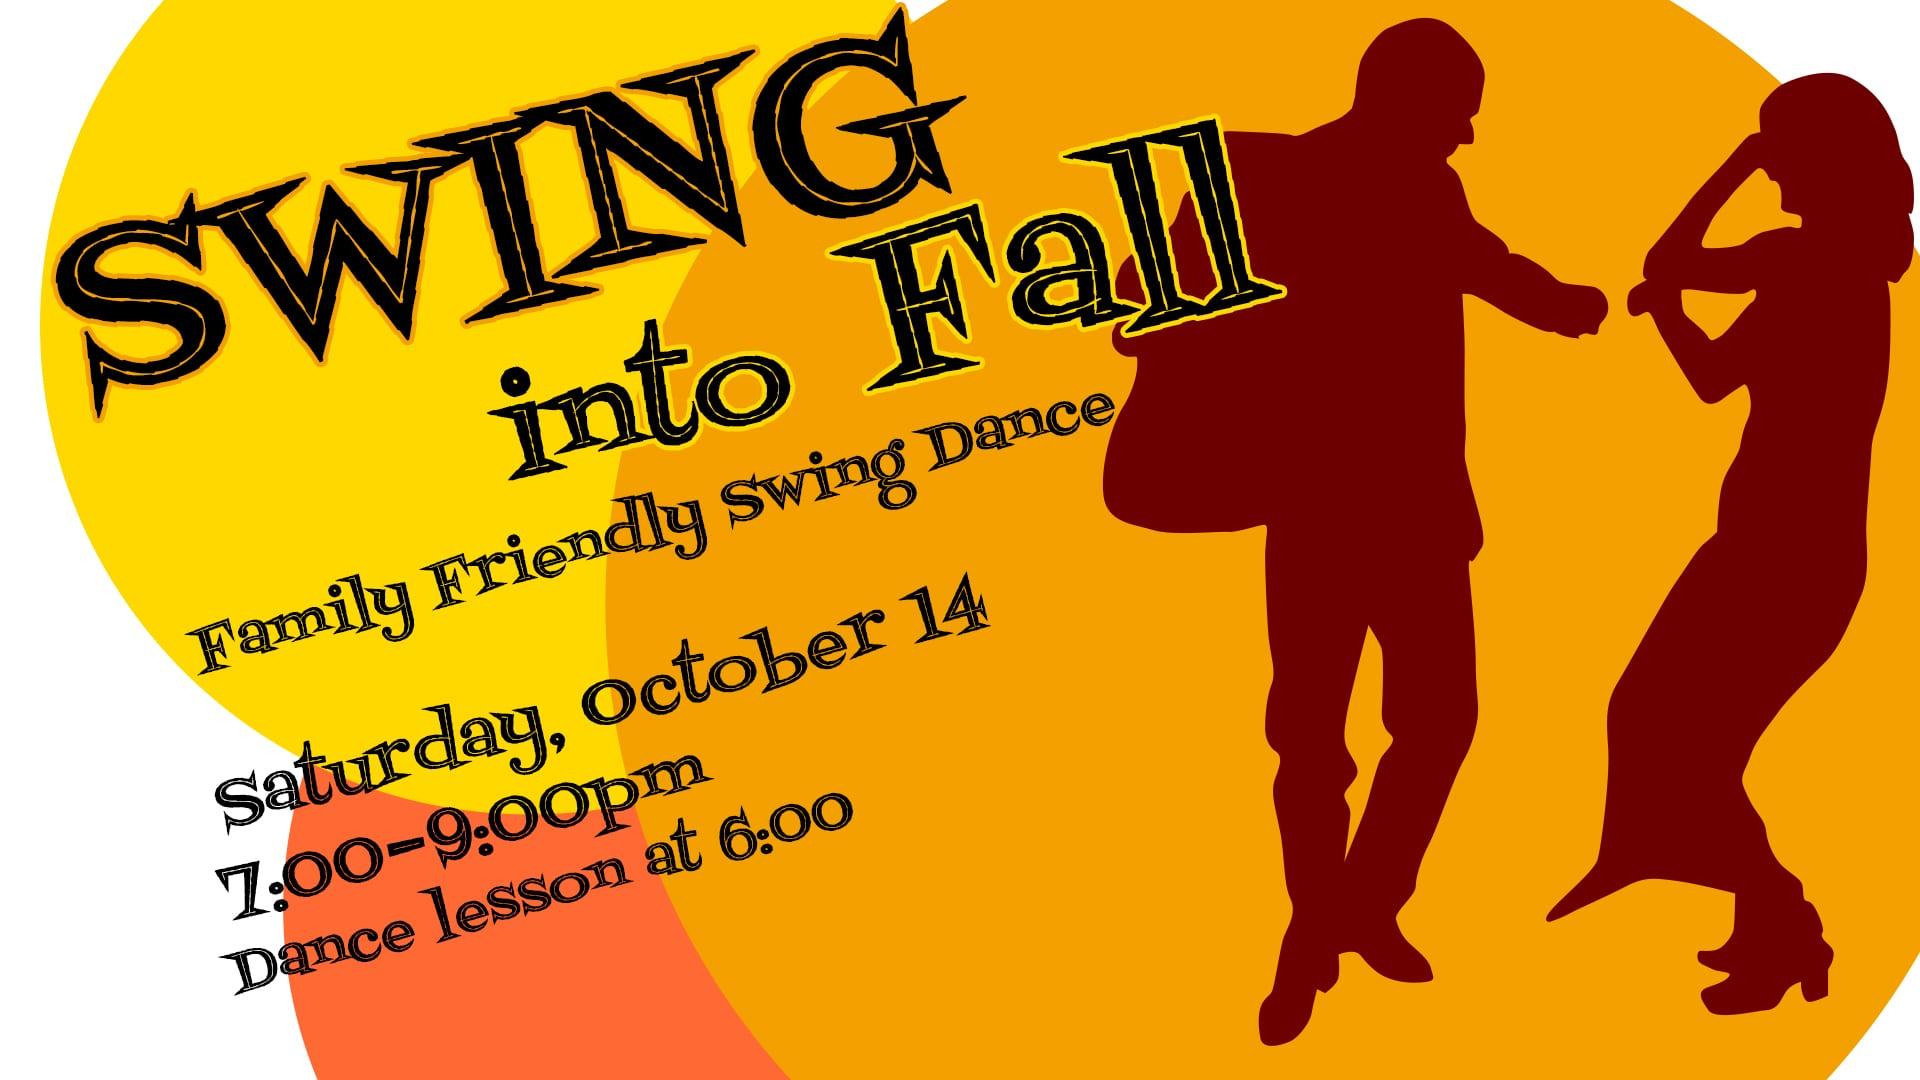 Swing into Fall Family Friendly Swing Dance